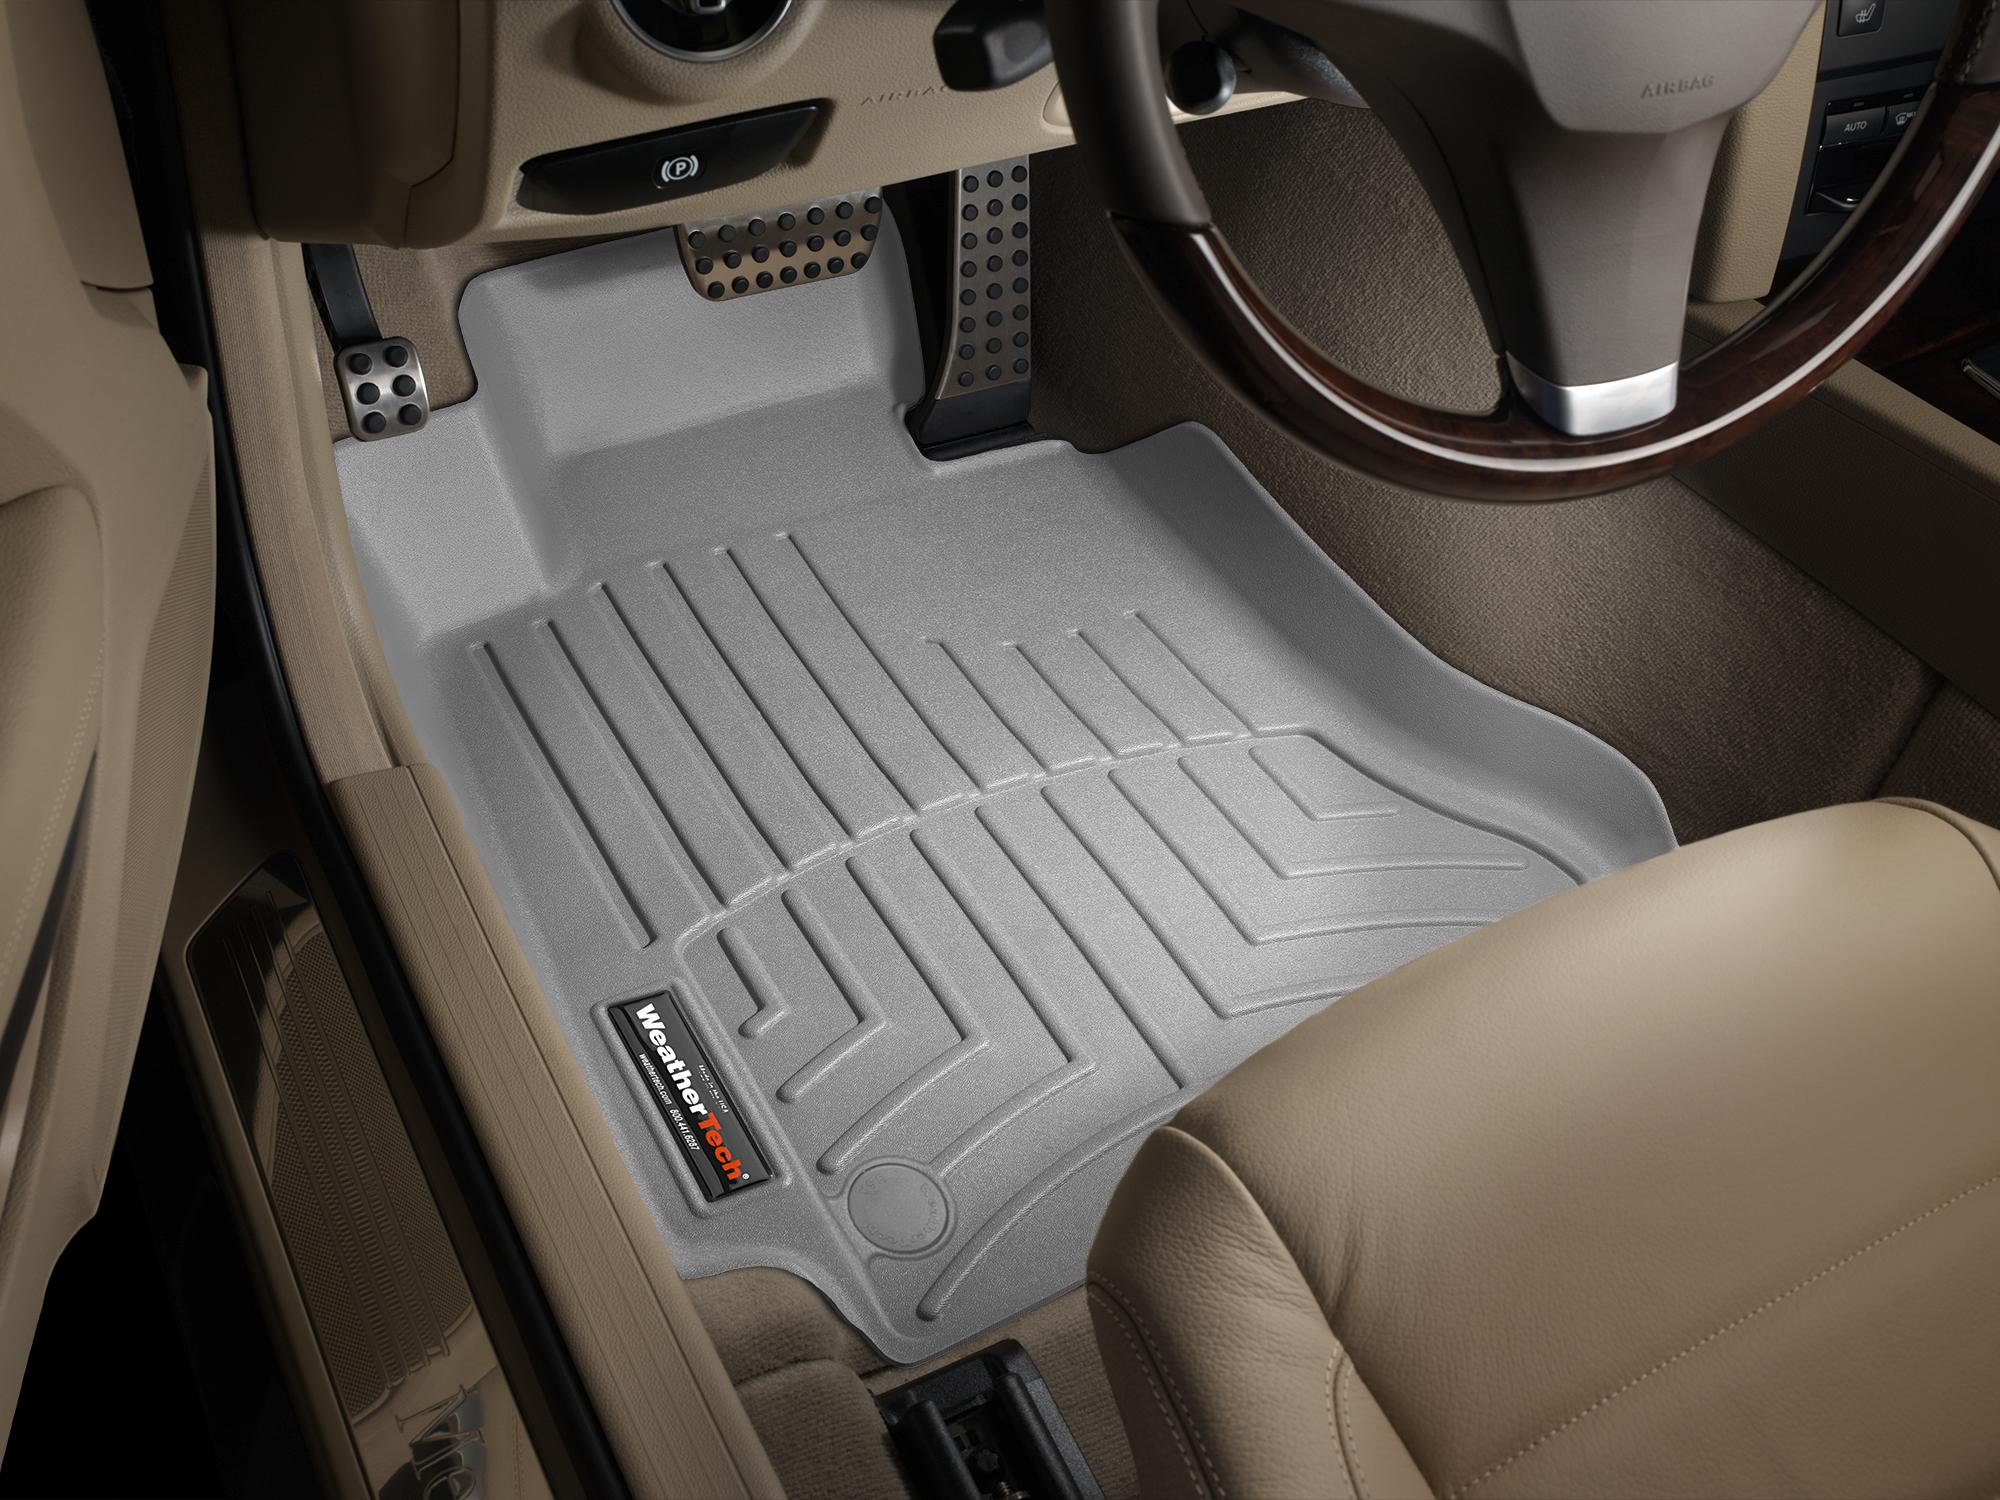 Tappeti gomma su misura bordo alto Mercedes E-Class 12>14 Grigio A2399*